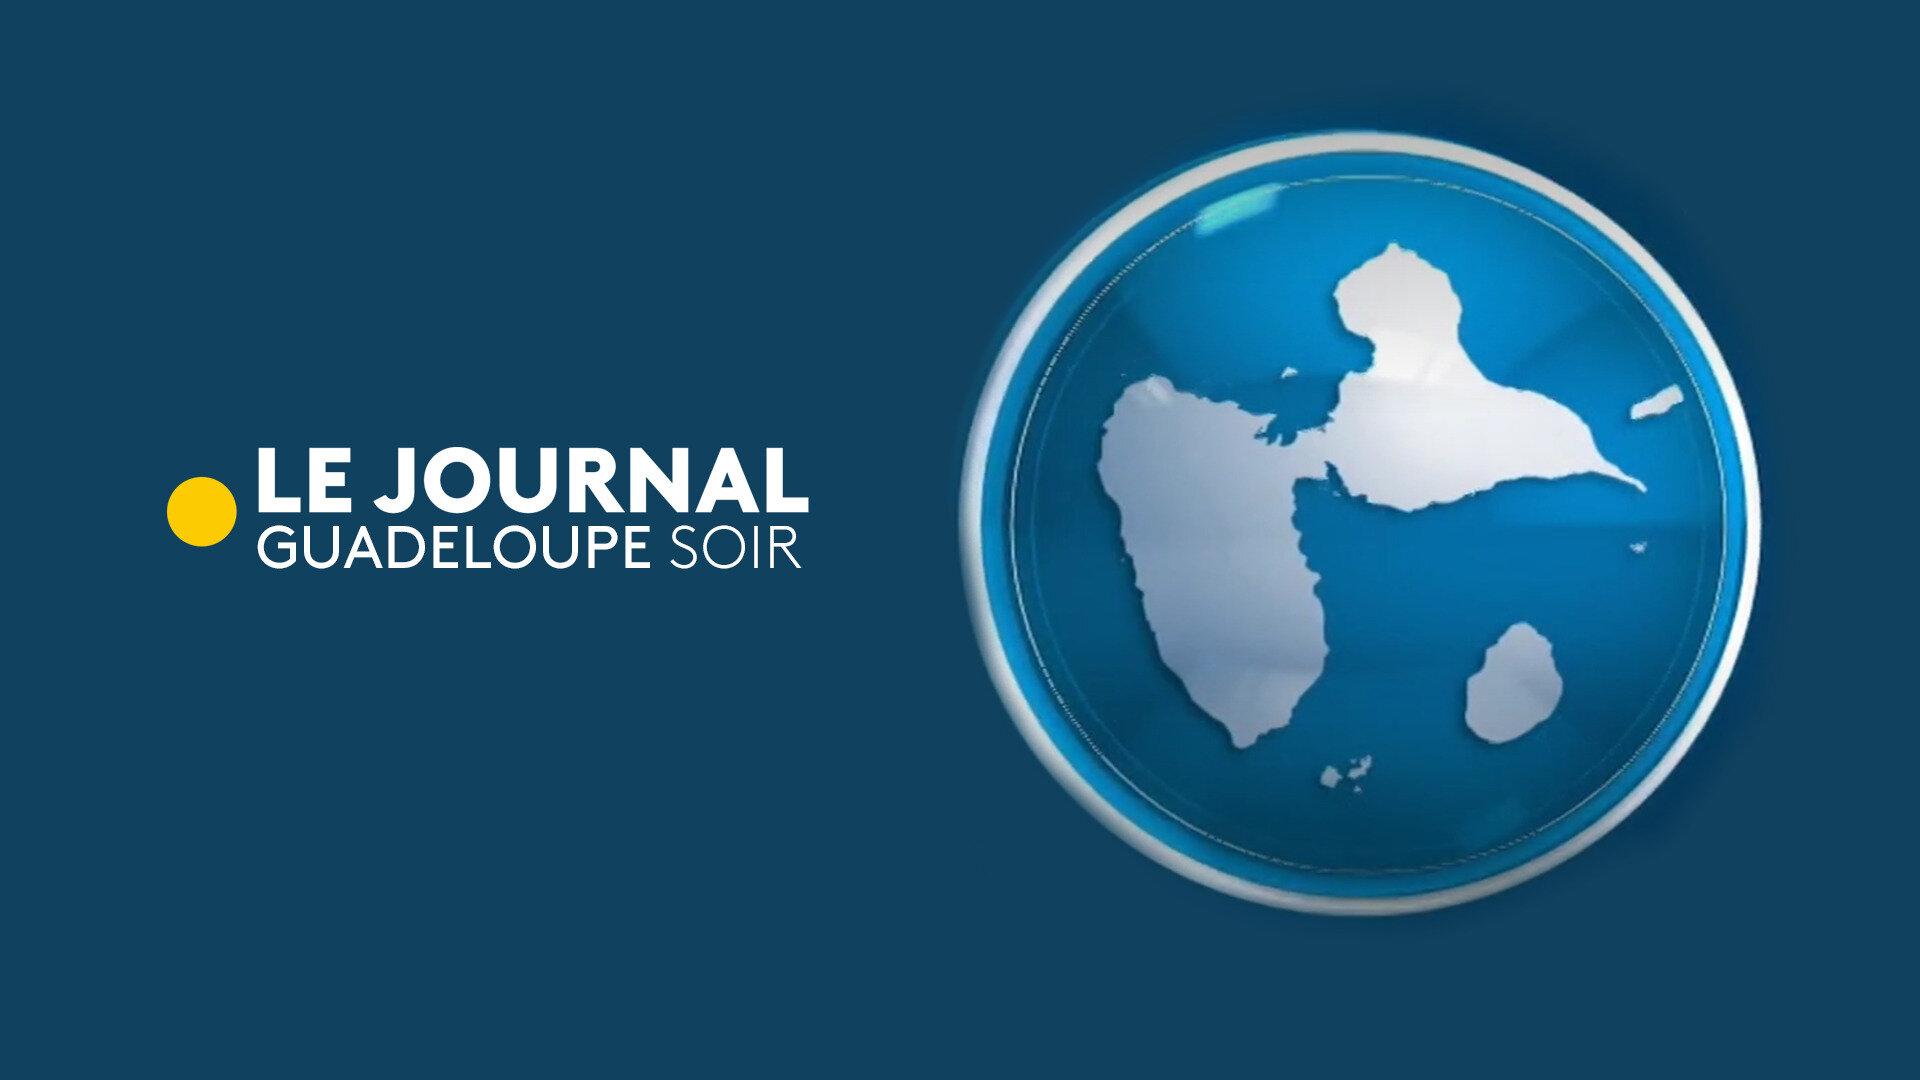 Journal Guadeloupe